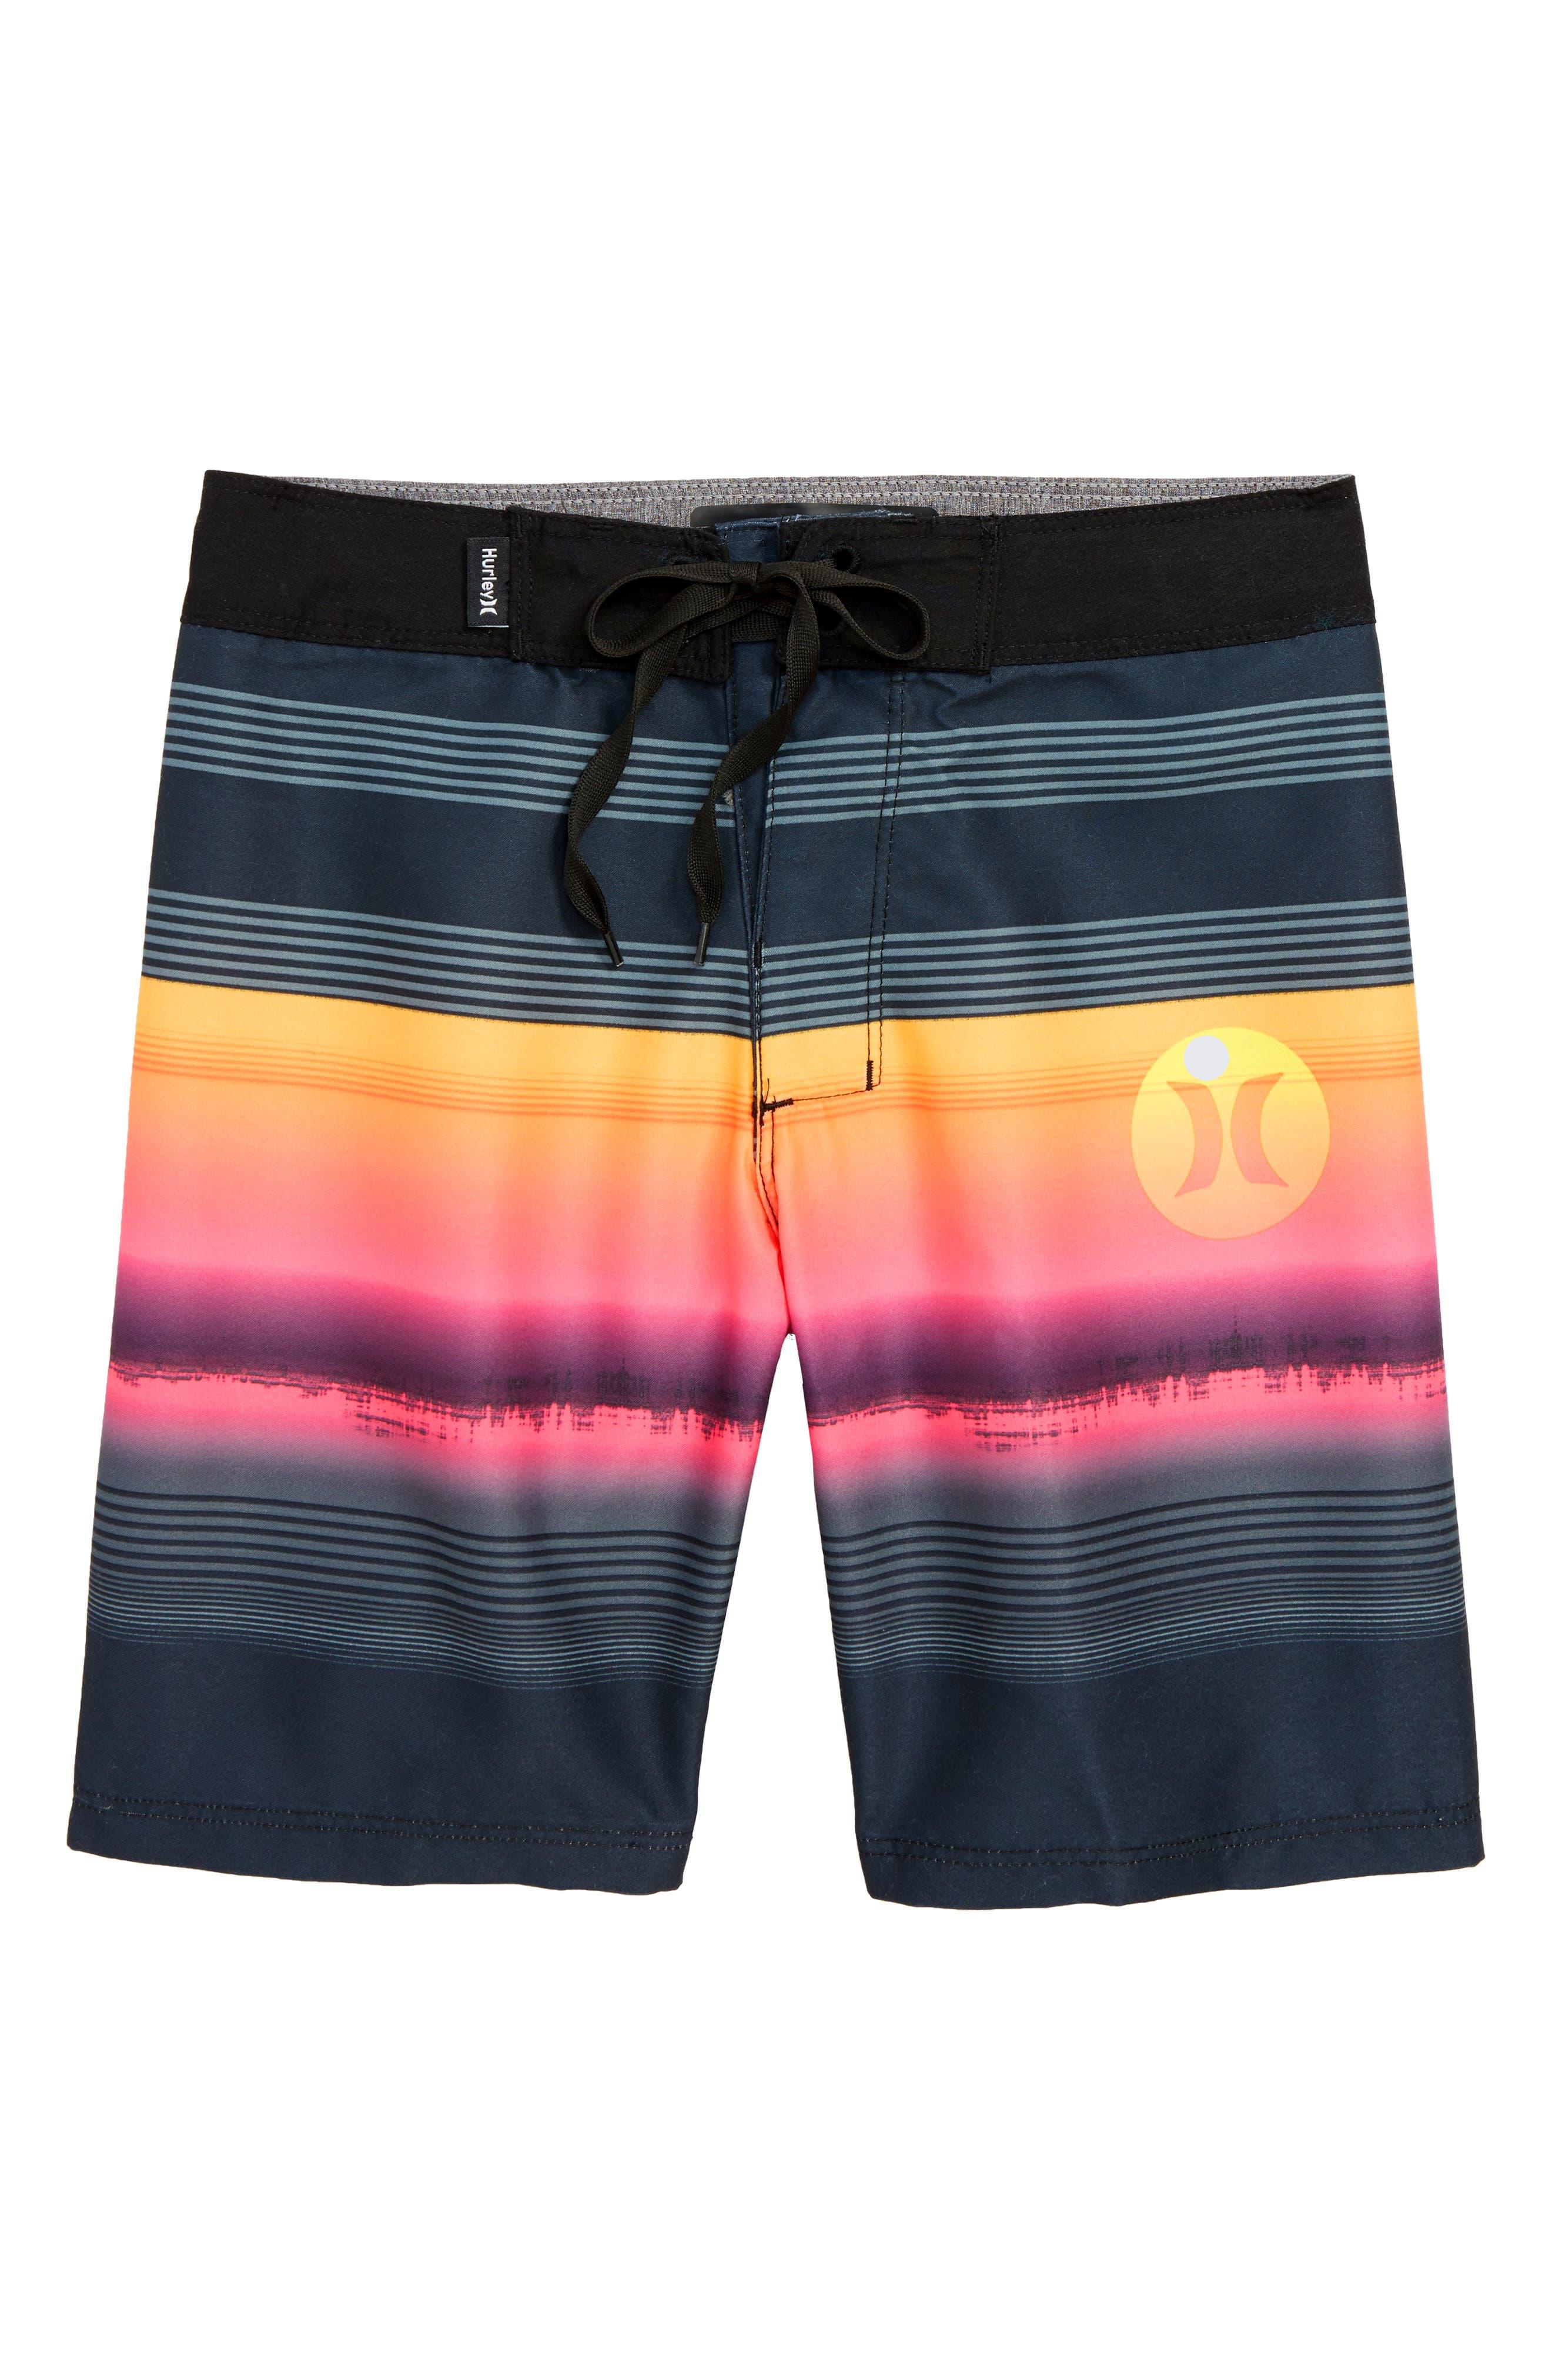 Gavitos Board Shorts,                             Main thumbnail 1, color,                             Black